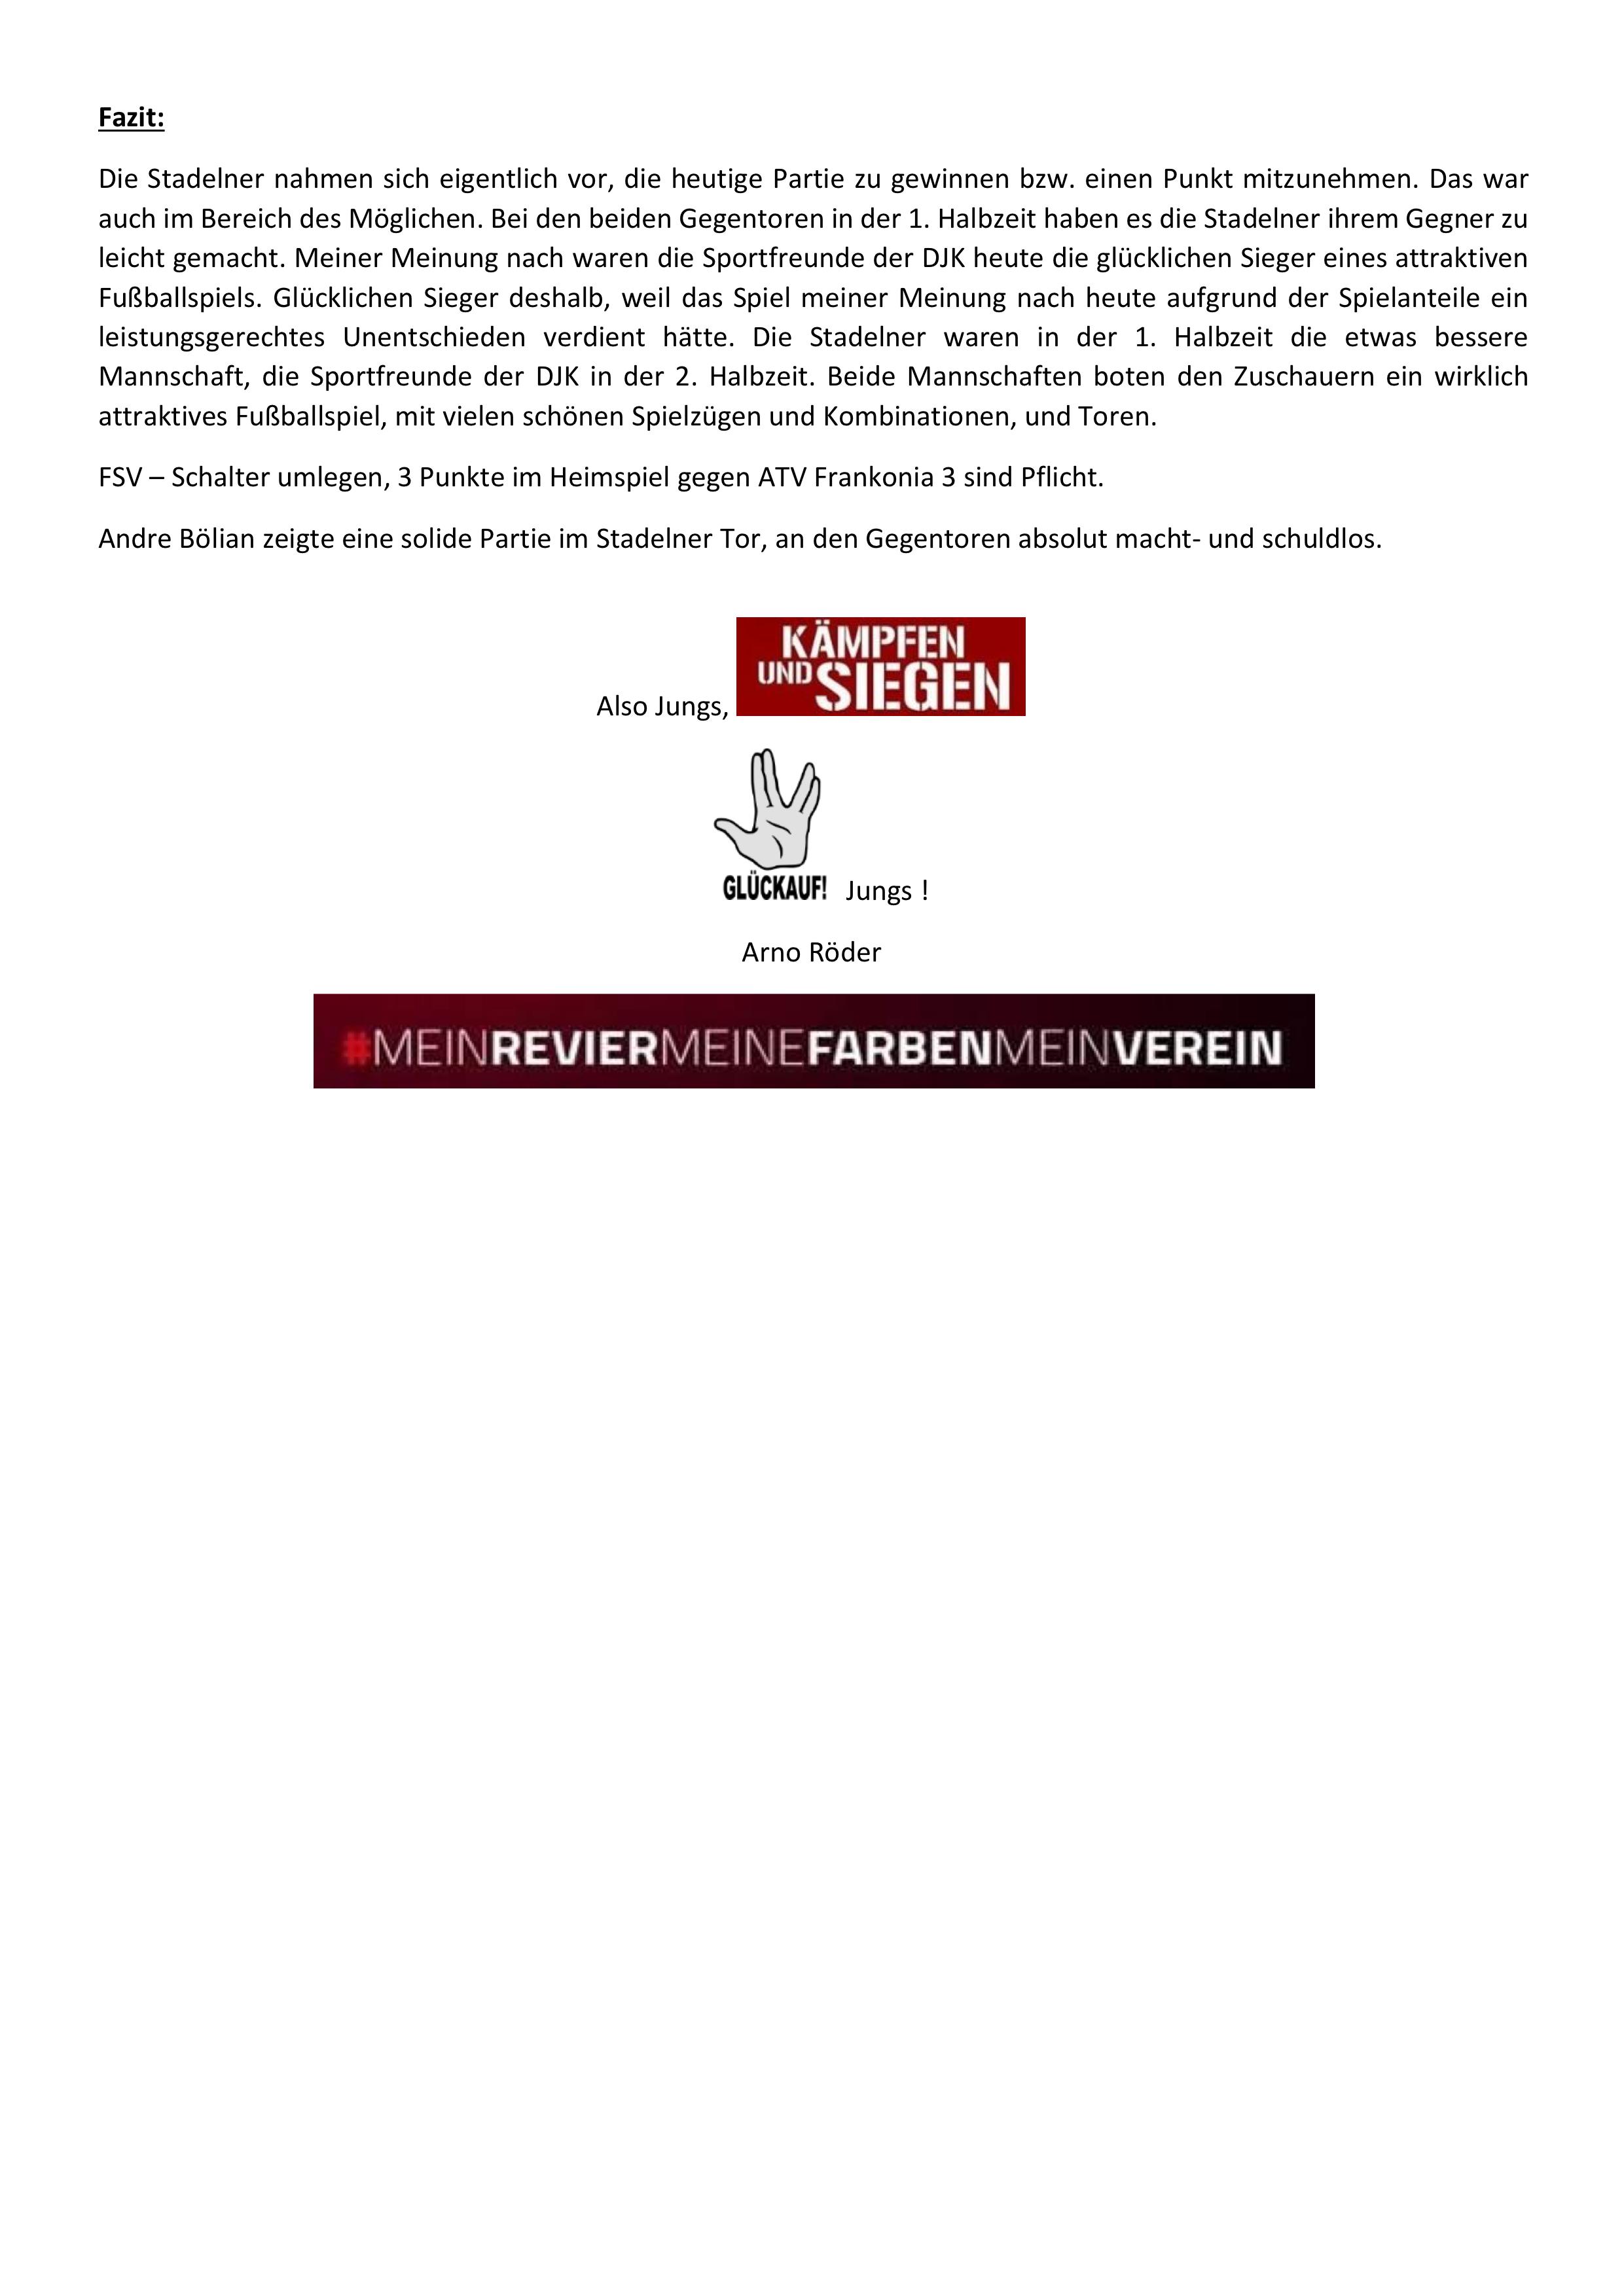 Eintracht-Sued-3.png